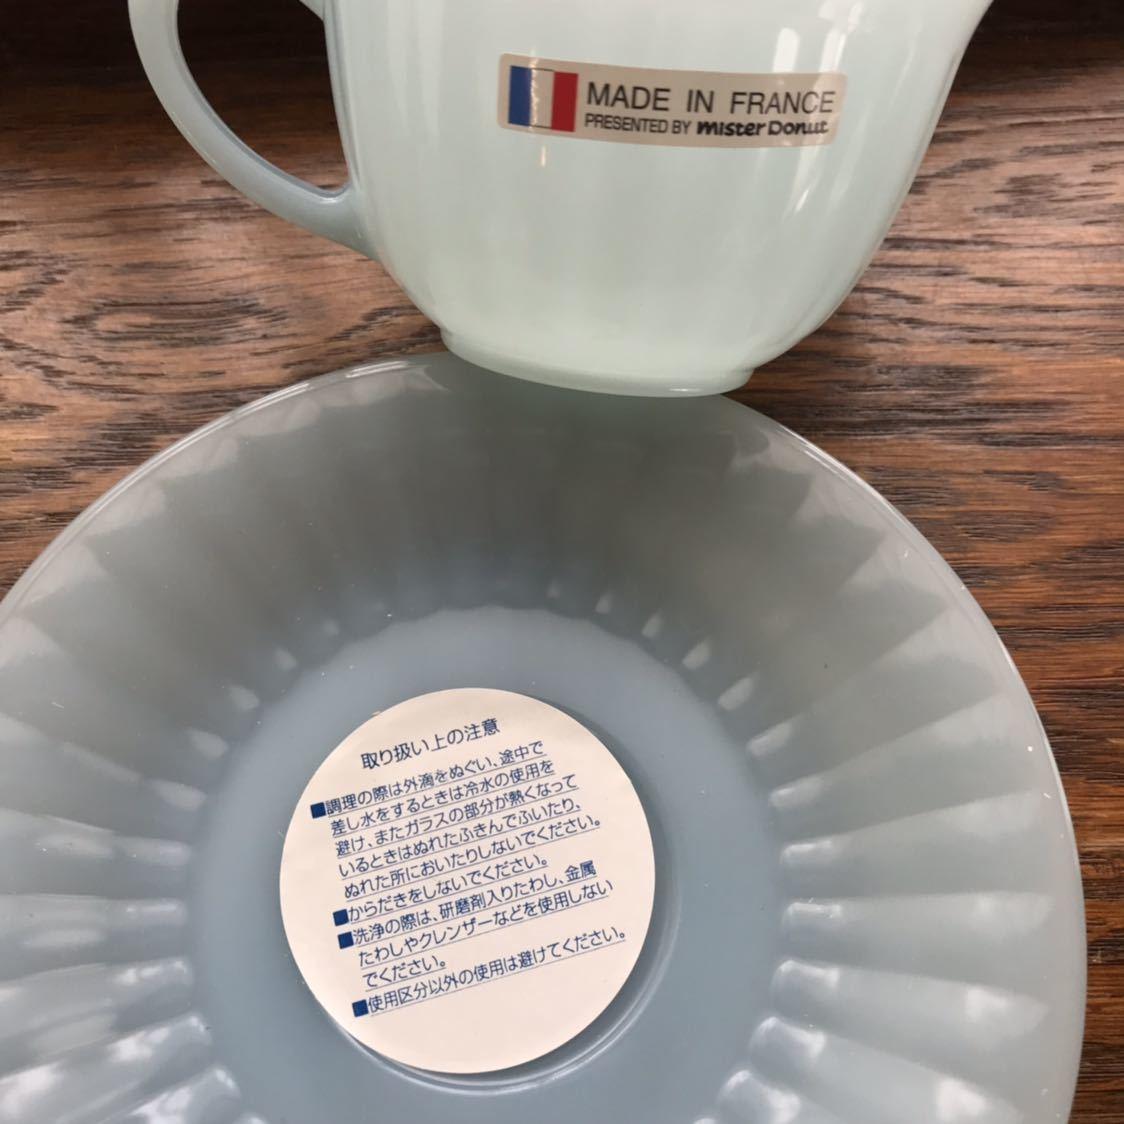 ミスタードーナツ カップ&ソーサー シール付き新品 アルコパル arcopal ノベルティ ミルクガラス ミスド 食器_画像5